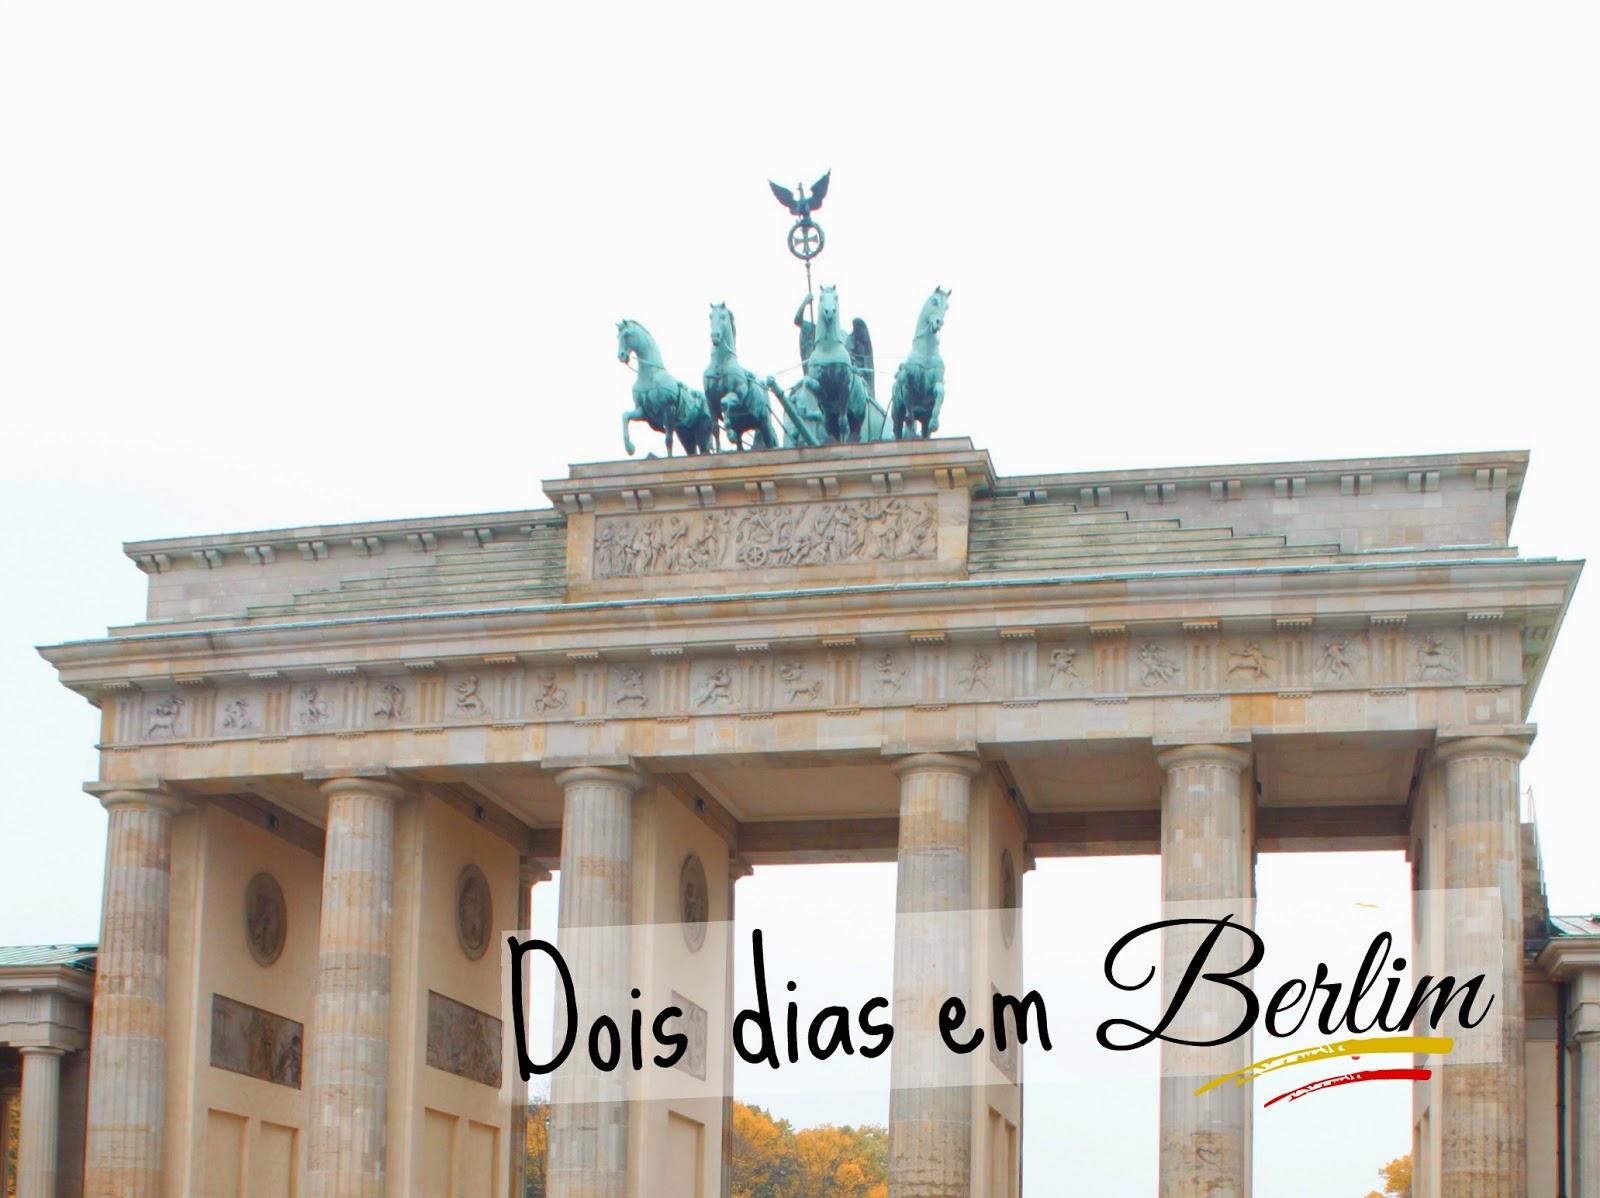 Dois dias em Berlim - Portão de Brandemburgo